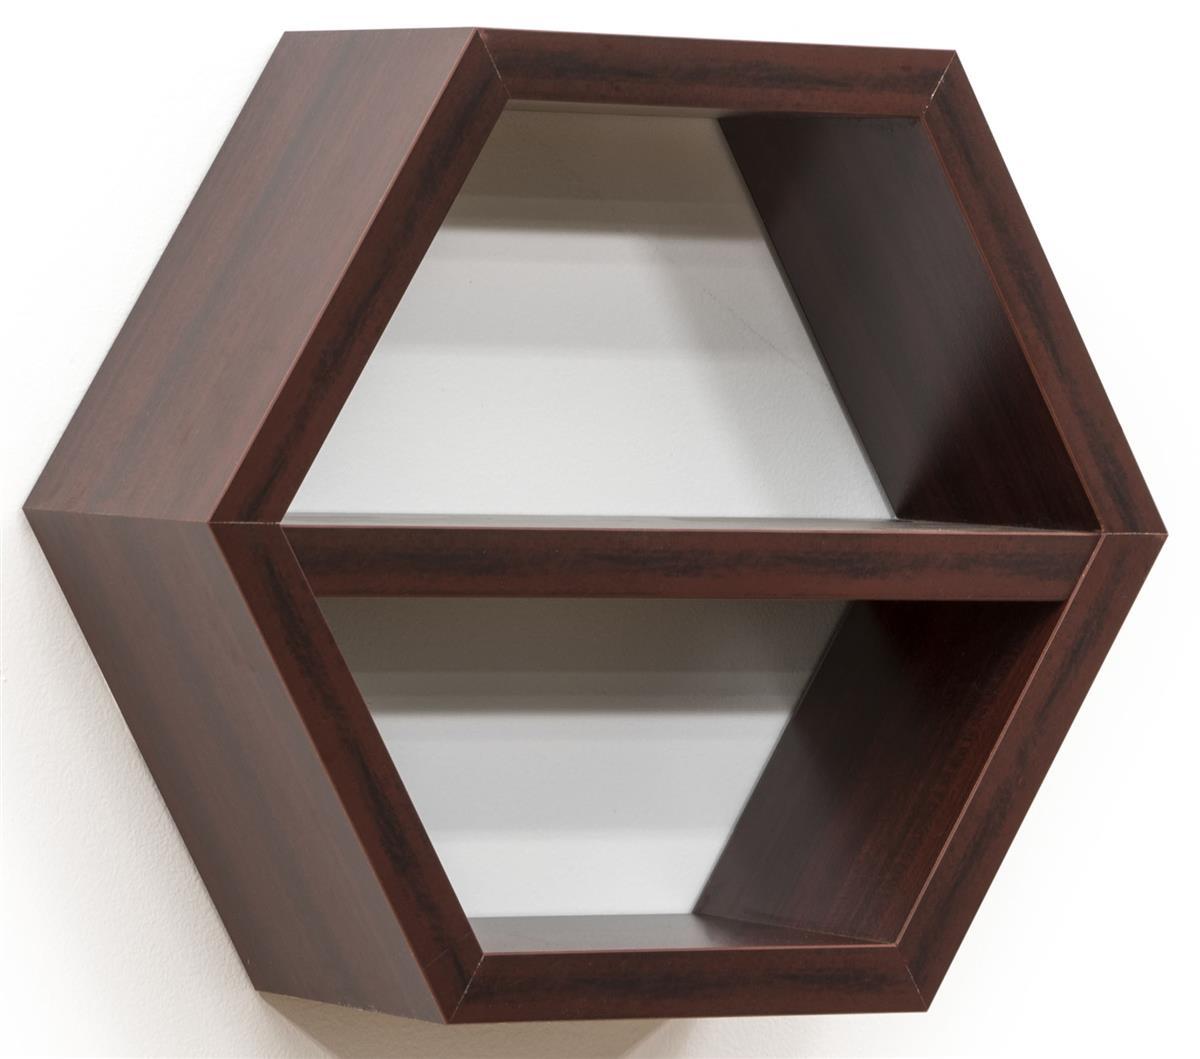 Wood Hexagon Shelf Modern Wall Decor